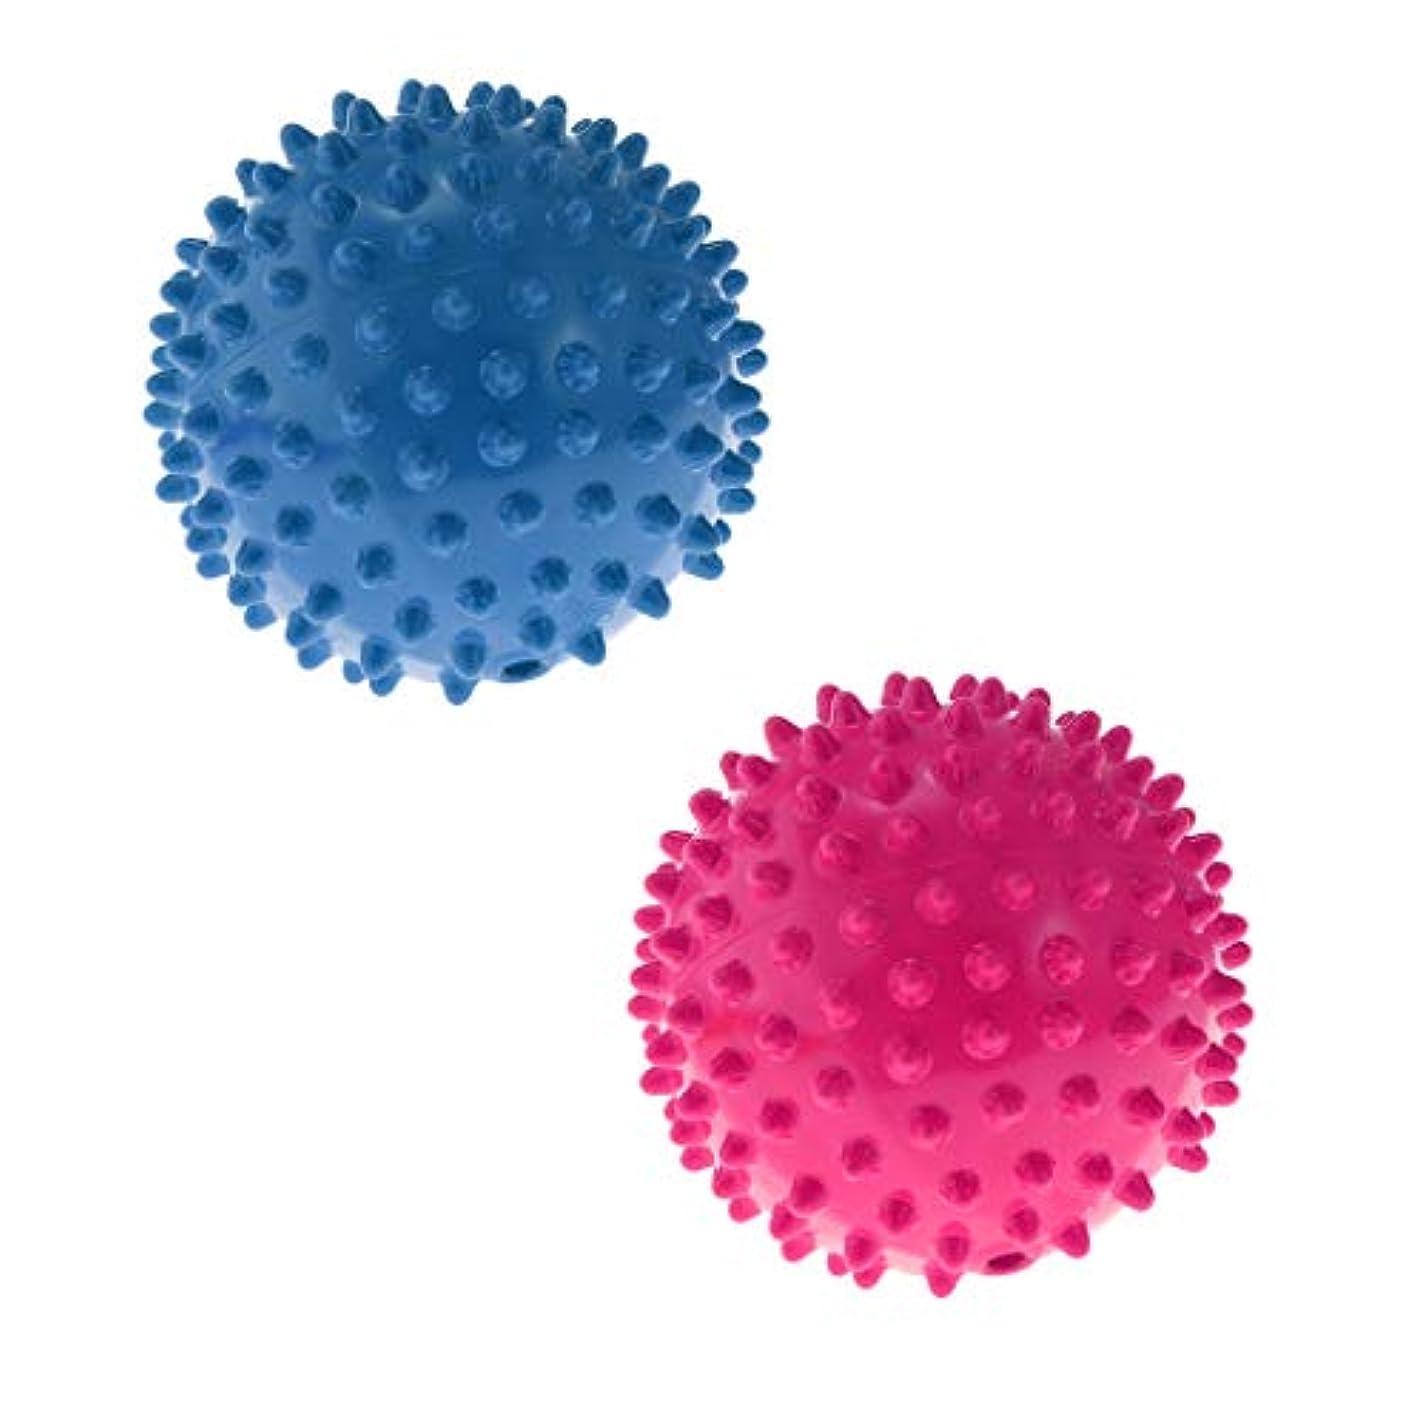 恥リースラッシュDYNWAVE 指圧ボール 触覚ボール マッサージローラー ローラーボール 軽量 持ち運び便利 補助ツール 2ピース